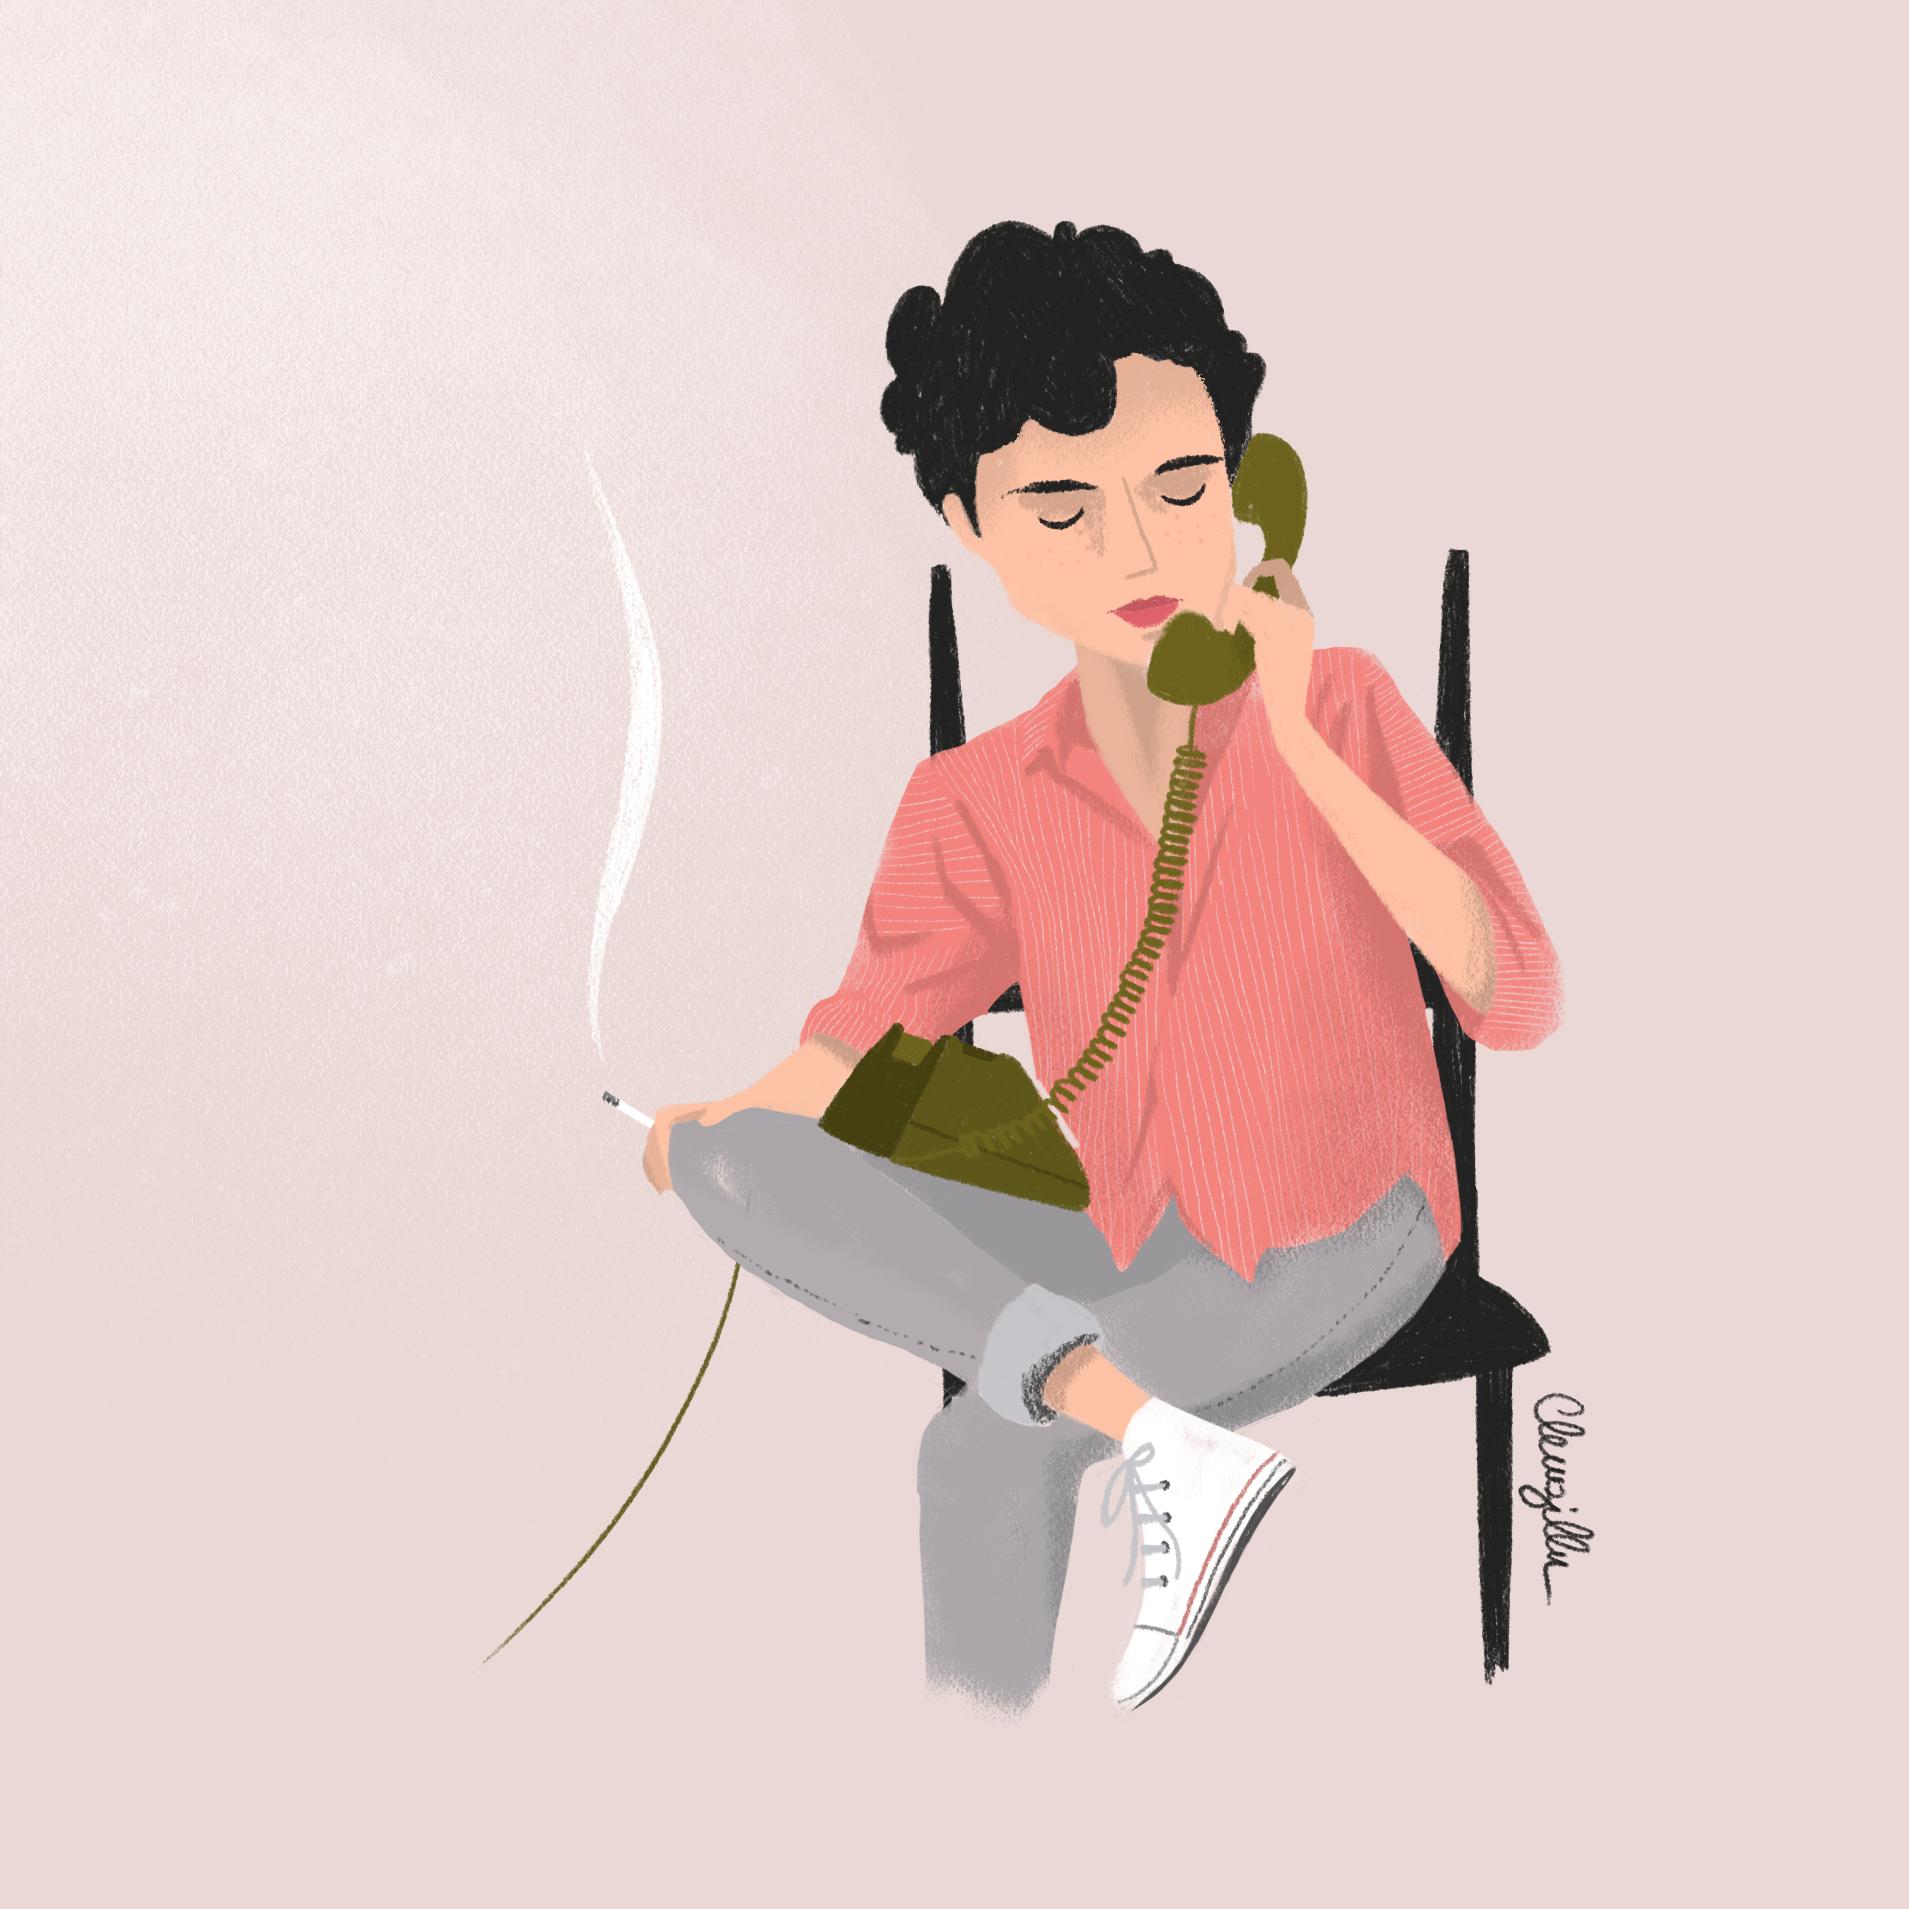 illustration Elio d'après le film Call me by your name - lyon - paris - france